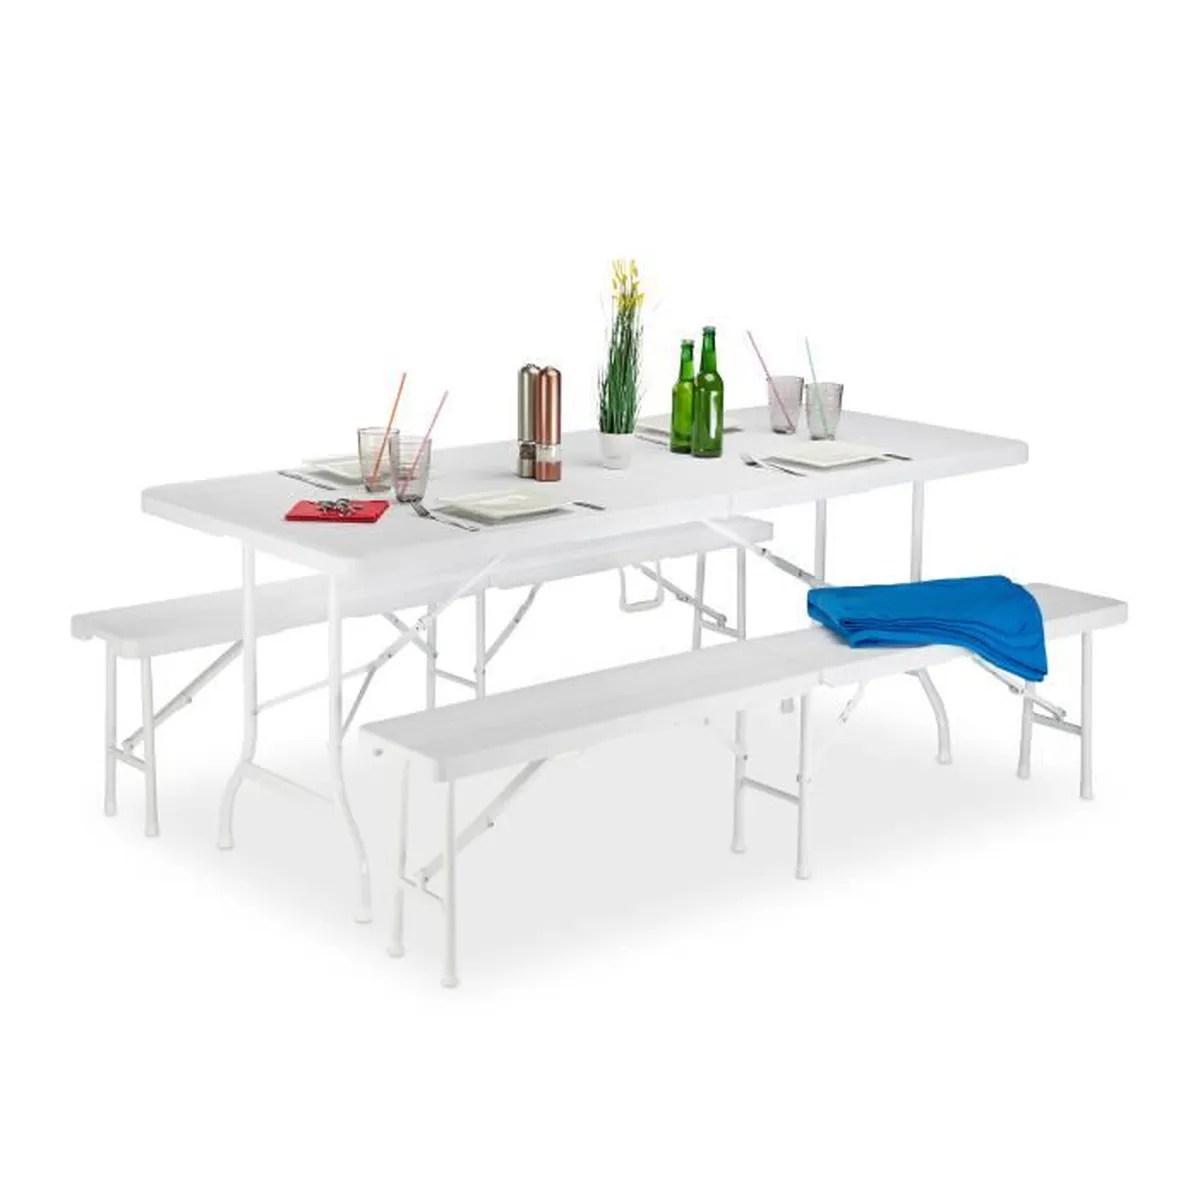 Salon De Jardin Table Futura Graphite + 6 Fauteuils Ibiza Graphite ...